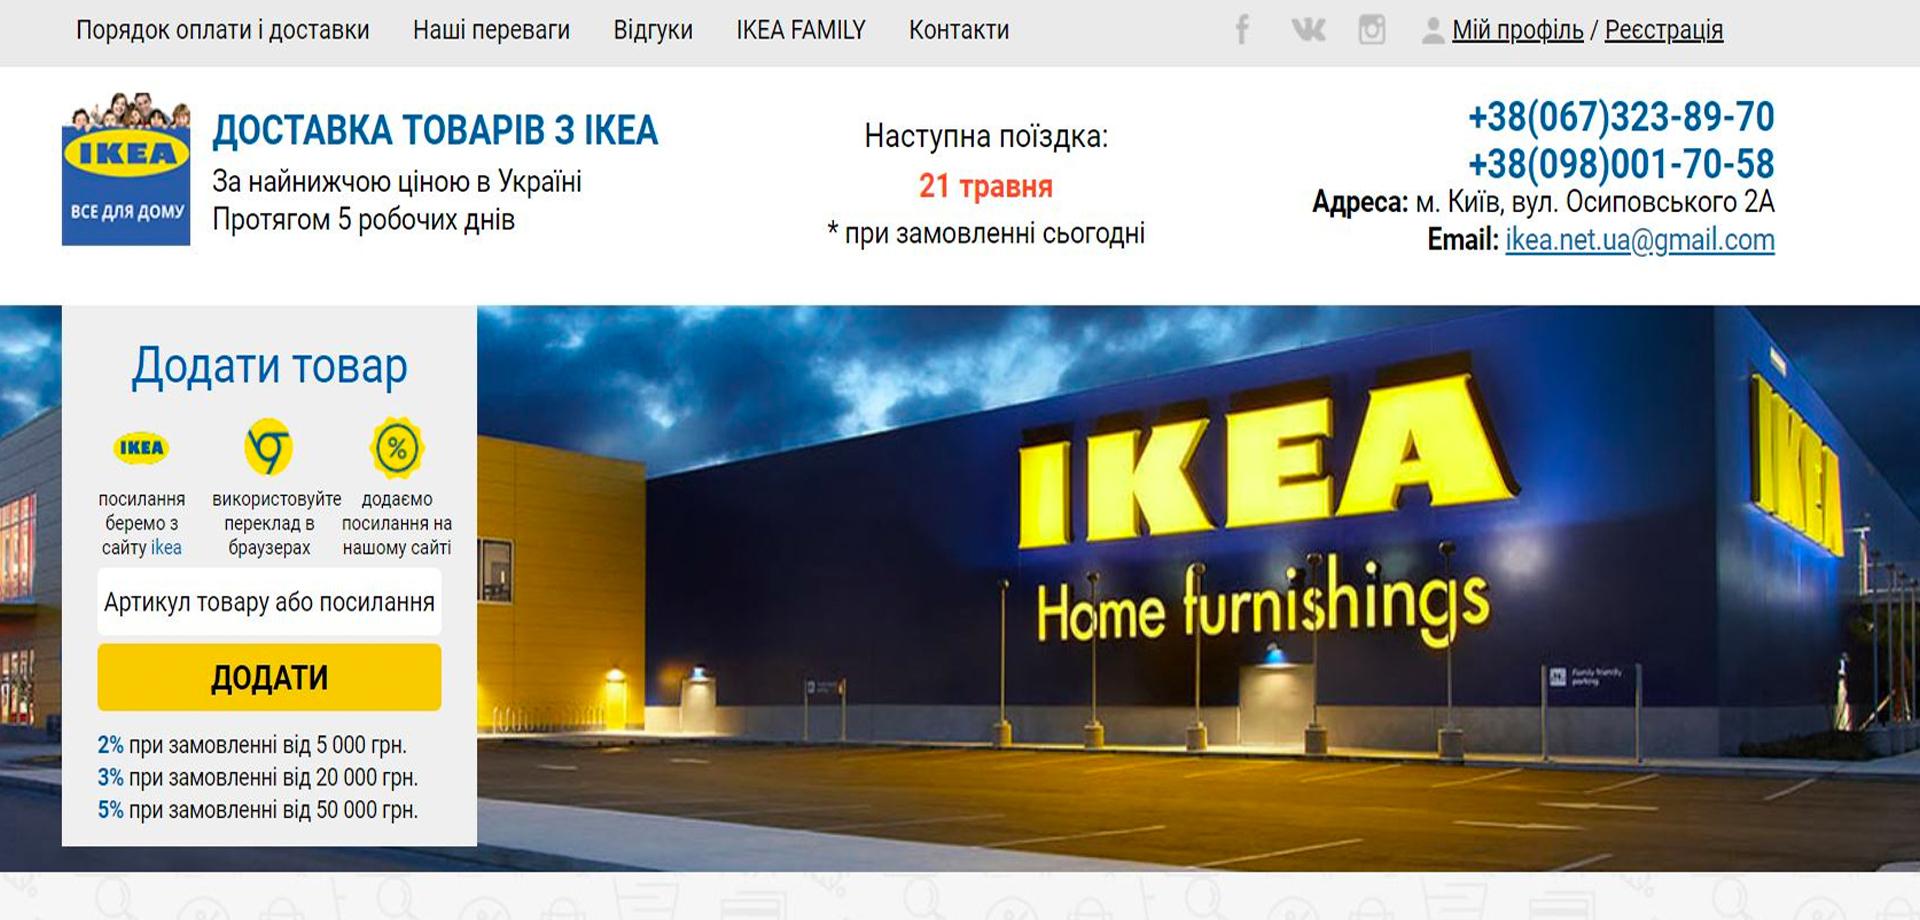 Шахрайський сайт, що продає товари для дому під виглядом магазина IKEA